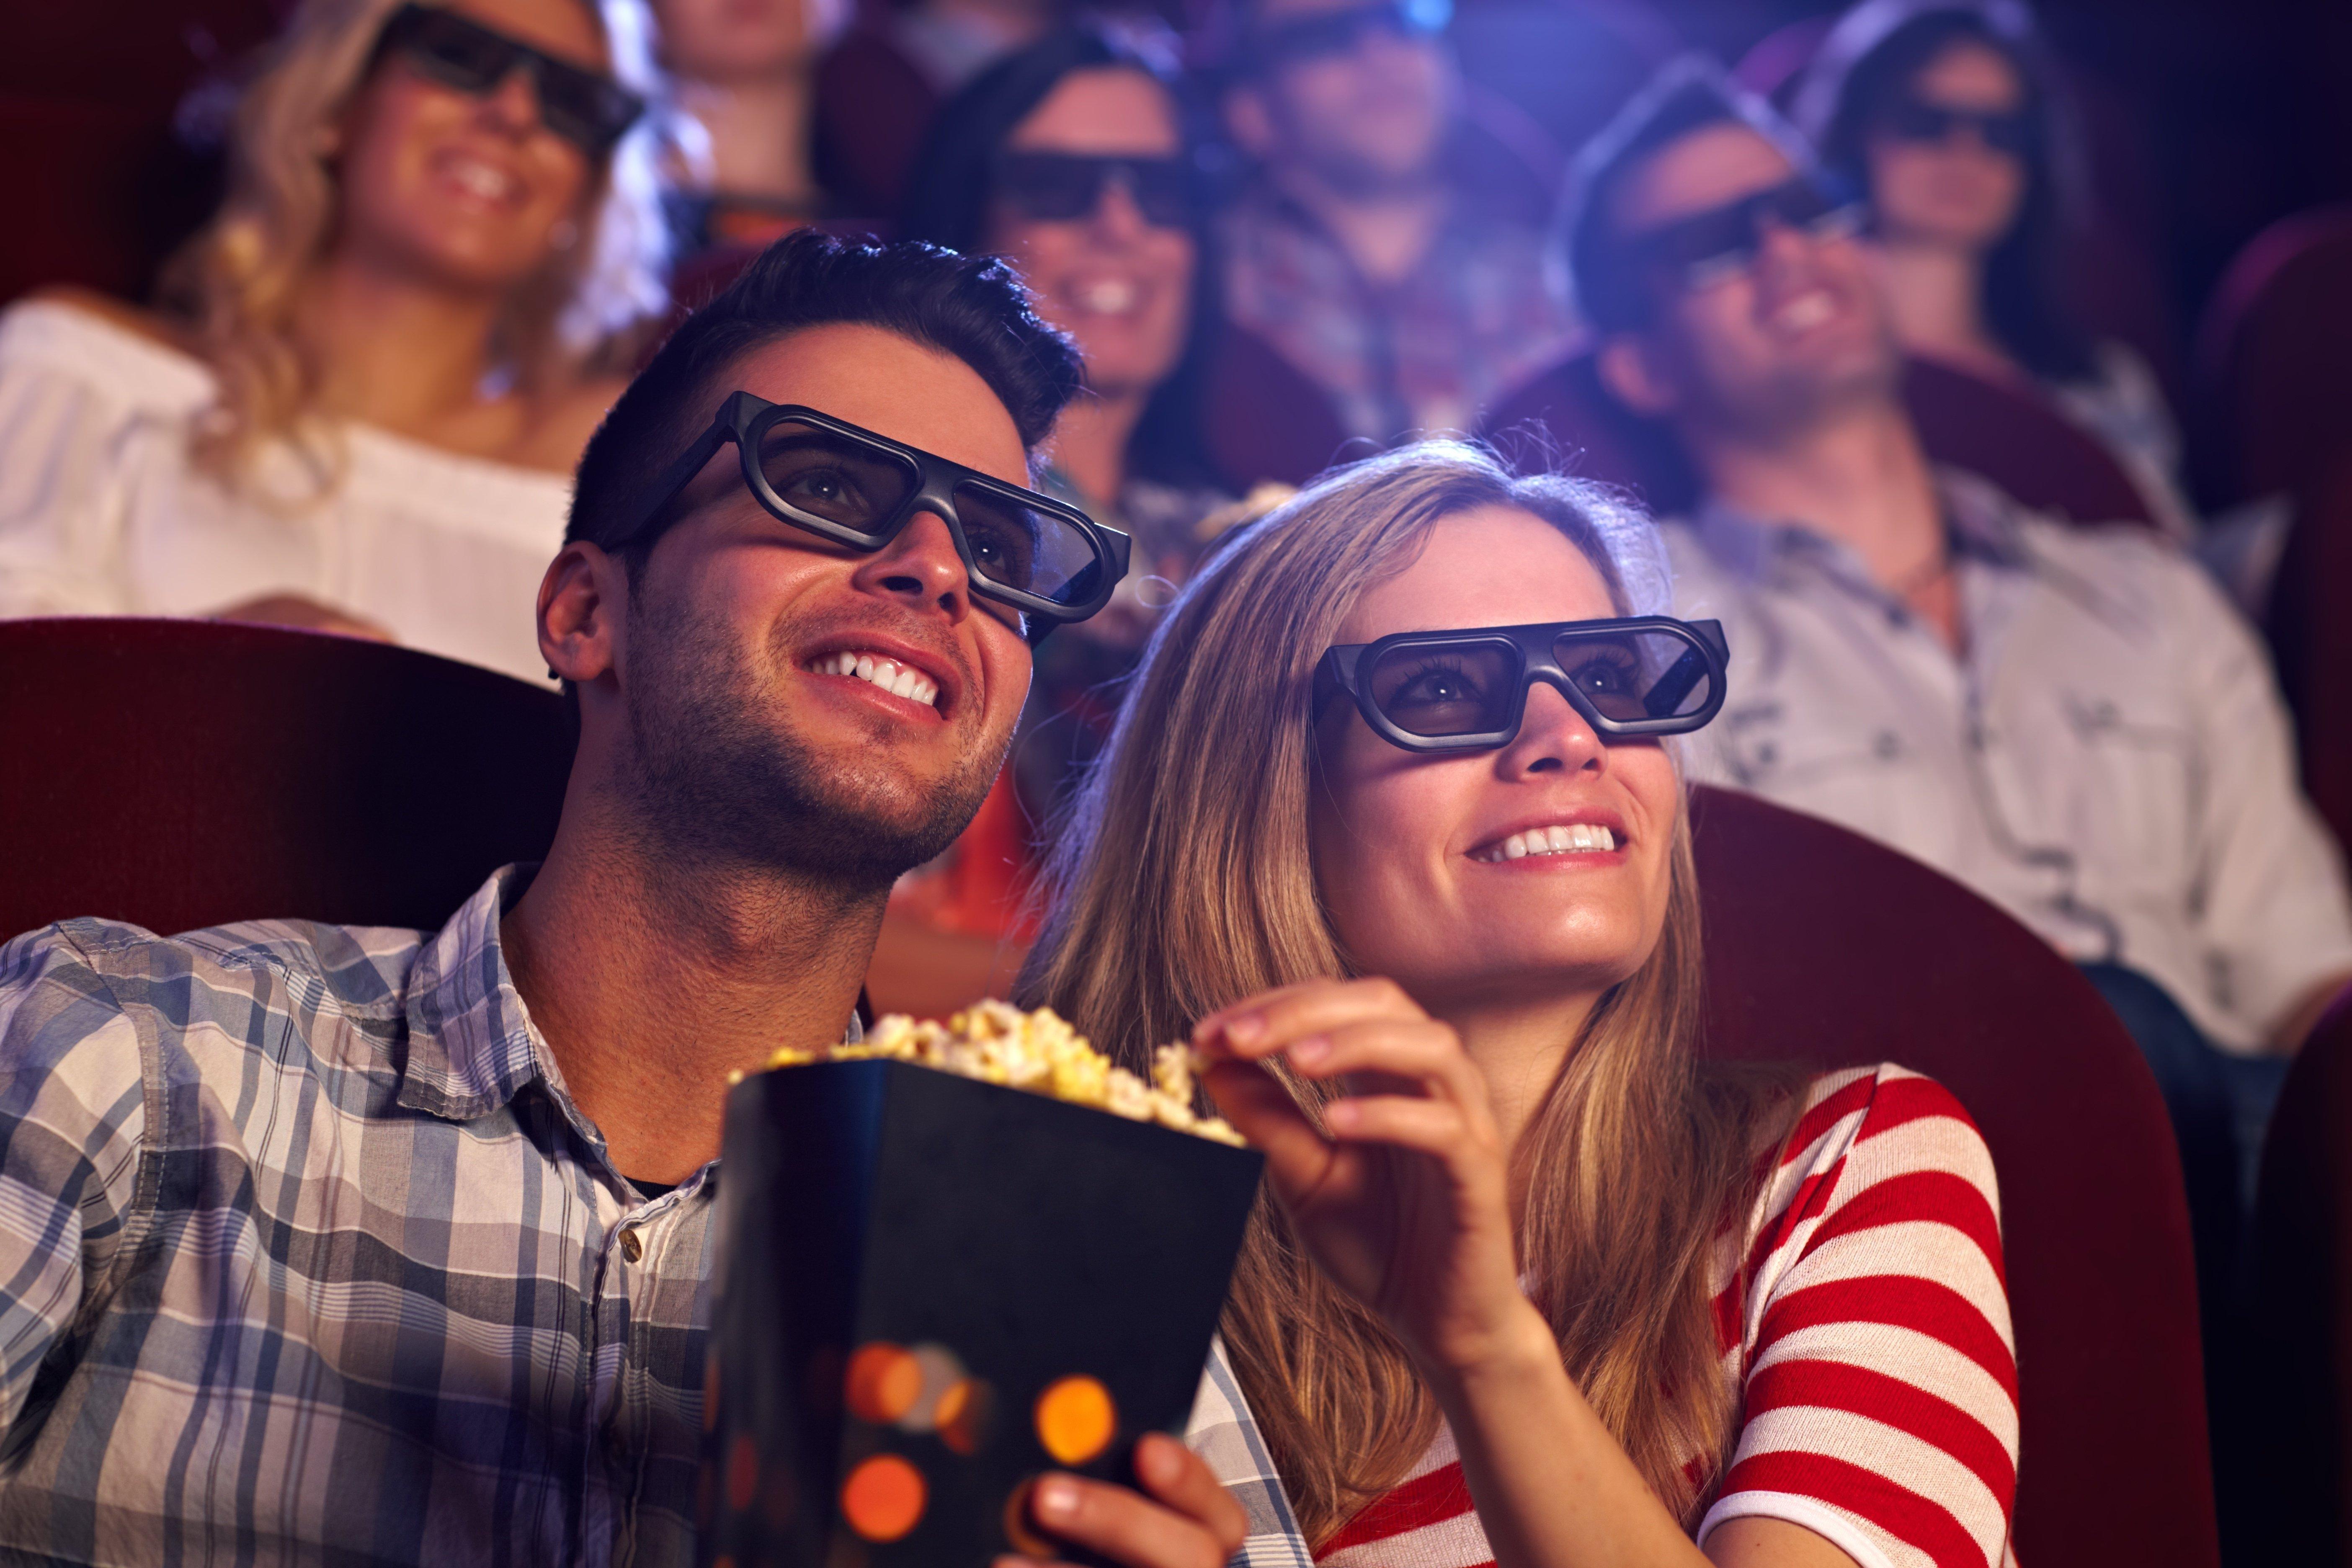 3D filmy nejsou žádnou novinkou. Zajímavosti z kinematografie vás překvapí!